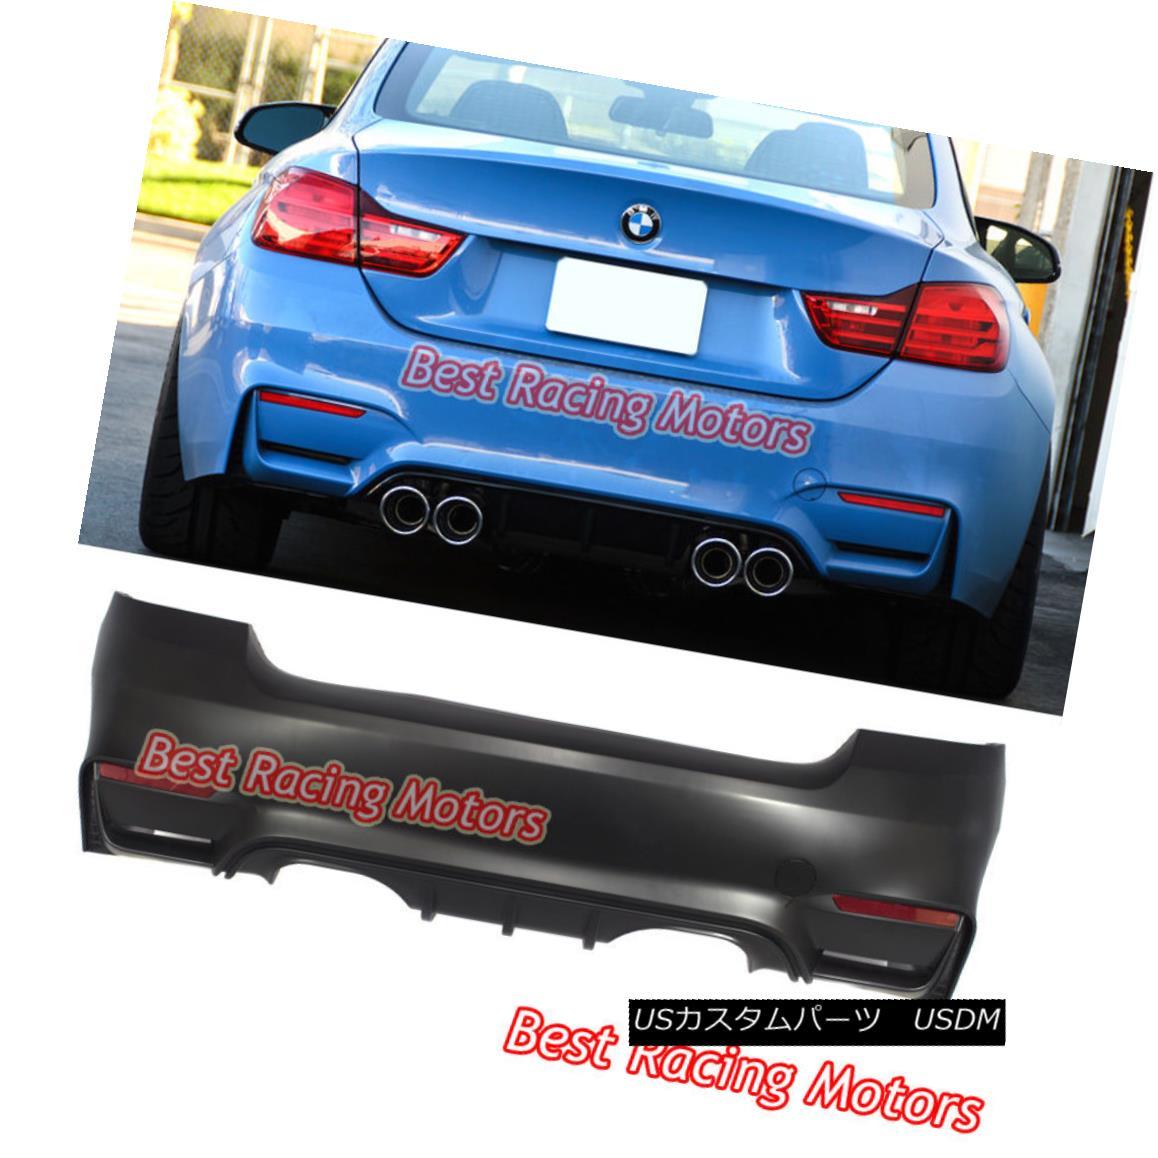 エアロパーツ M4 (F82) Style Rear Bumper (2 Outlets) [2 Tips / Outlet] Fits 07-13 BMW E92 2dr M4(F82)スタイルリアバンパー(2アウトレット)[2ヒント/アウトレット]適合07-13 BMW E92 2dr